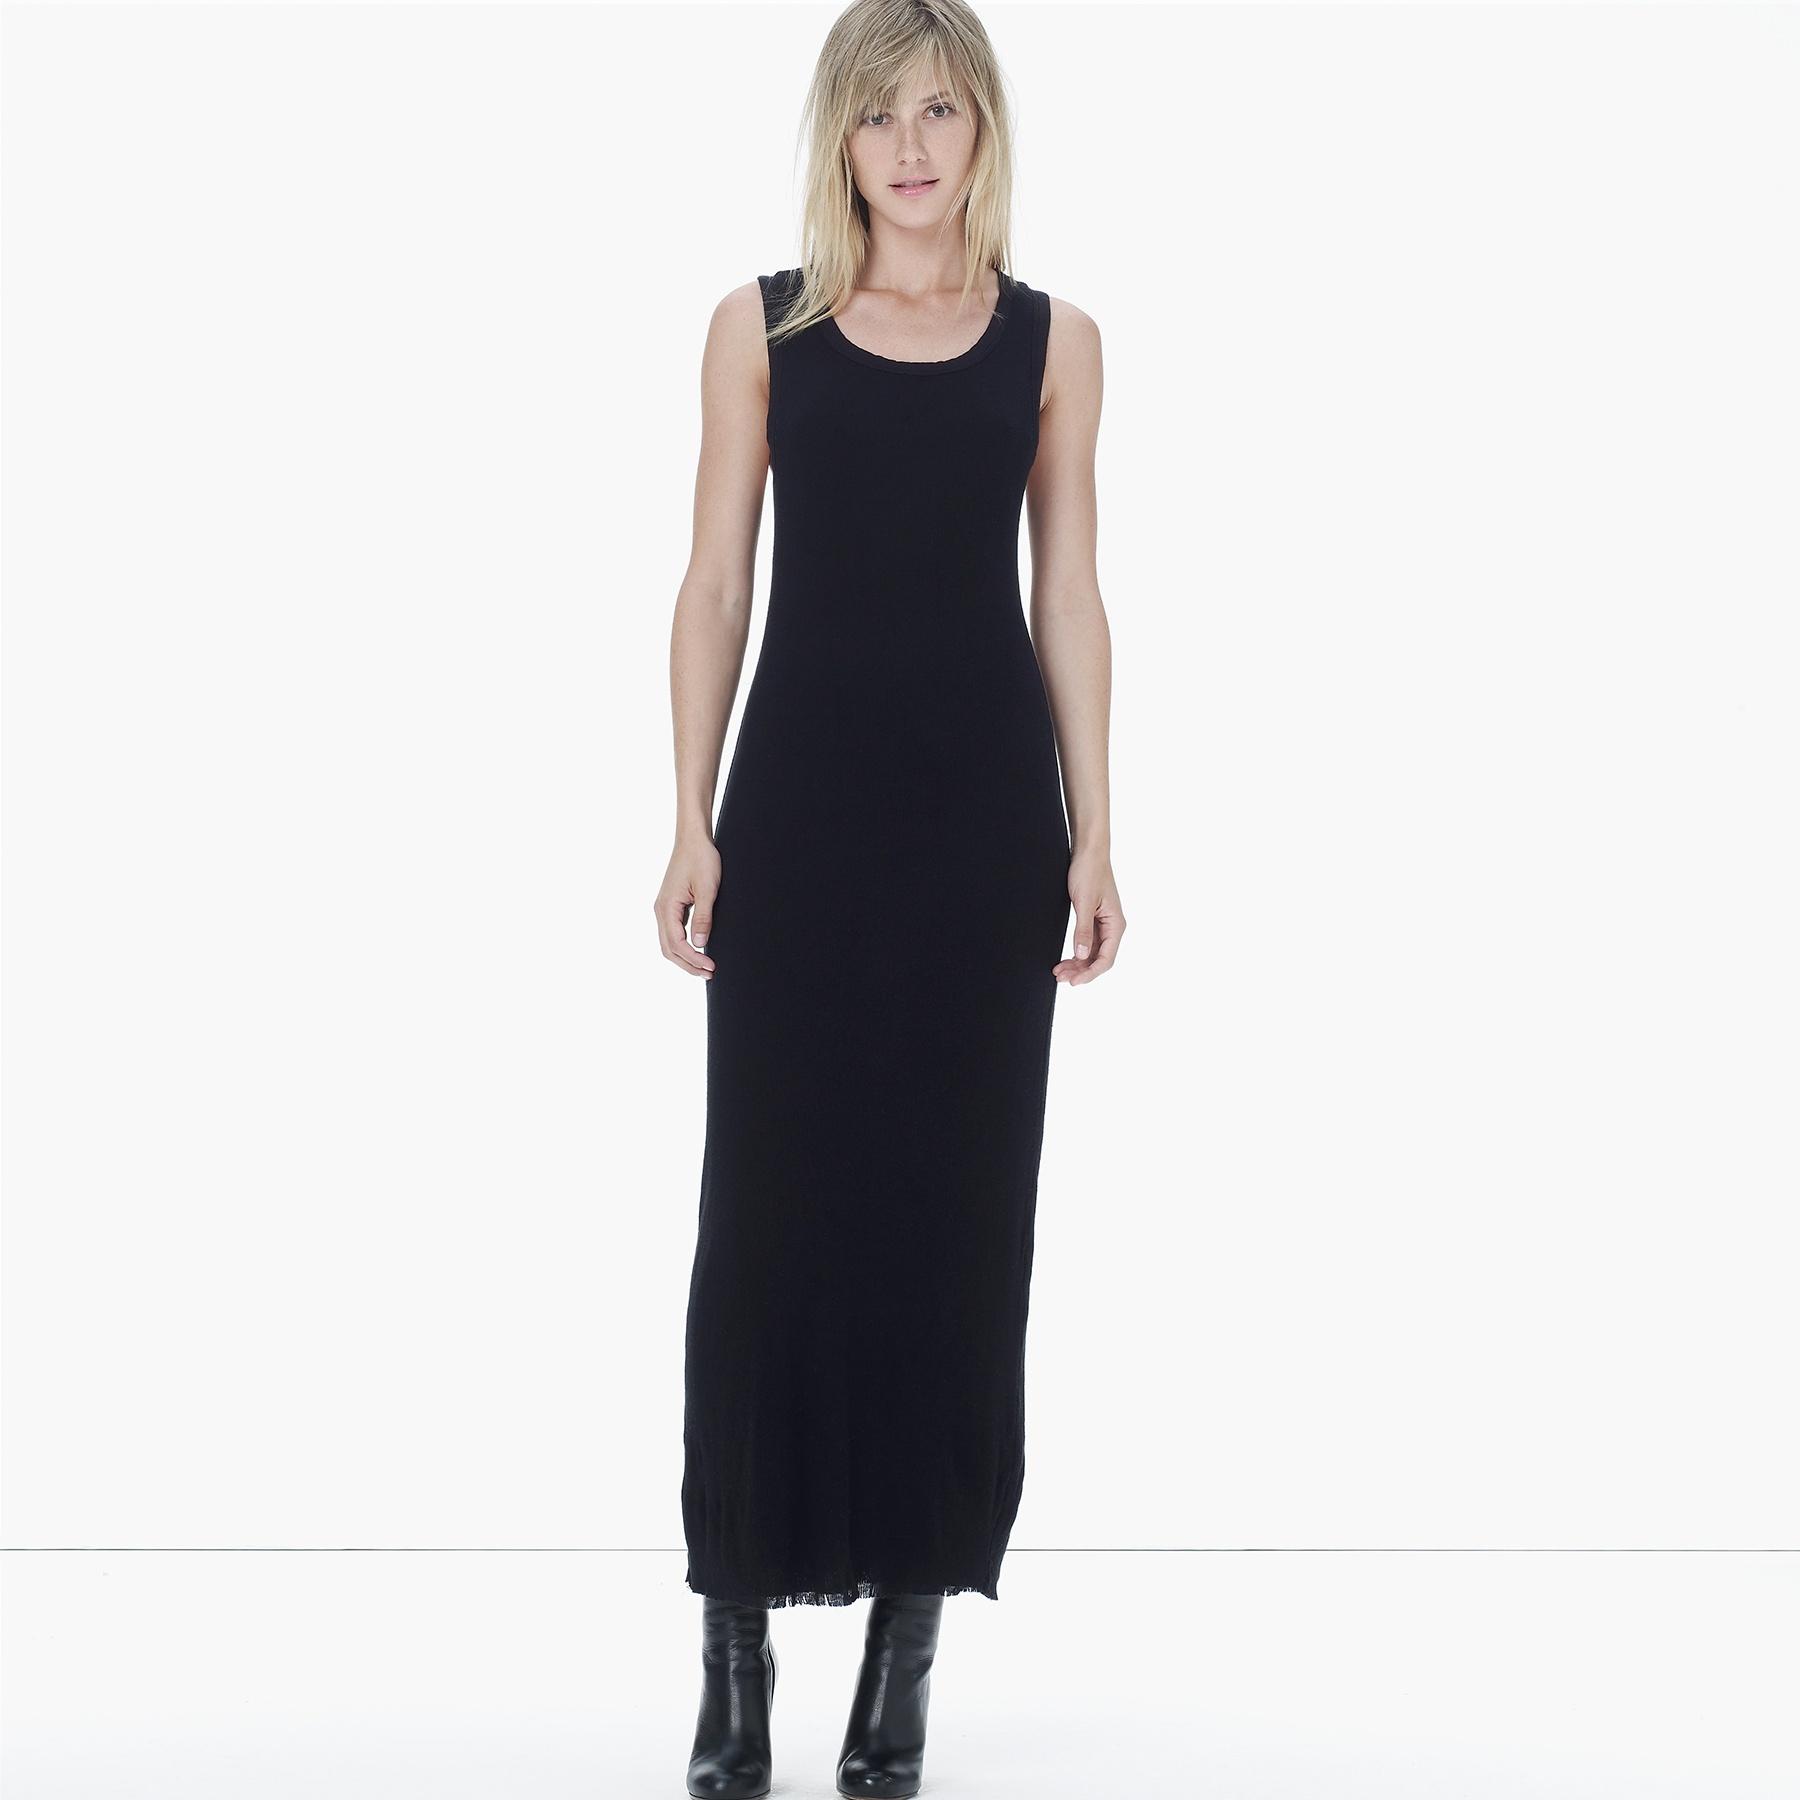 Black Cotton Tank Dress